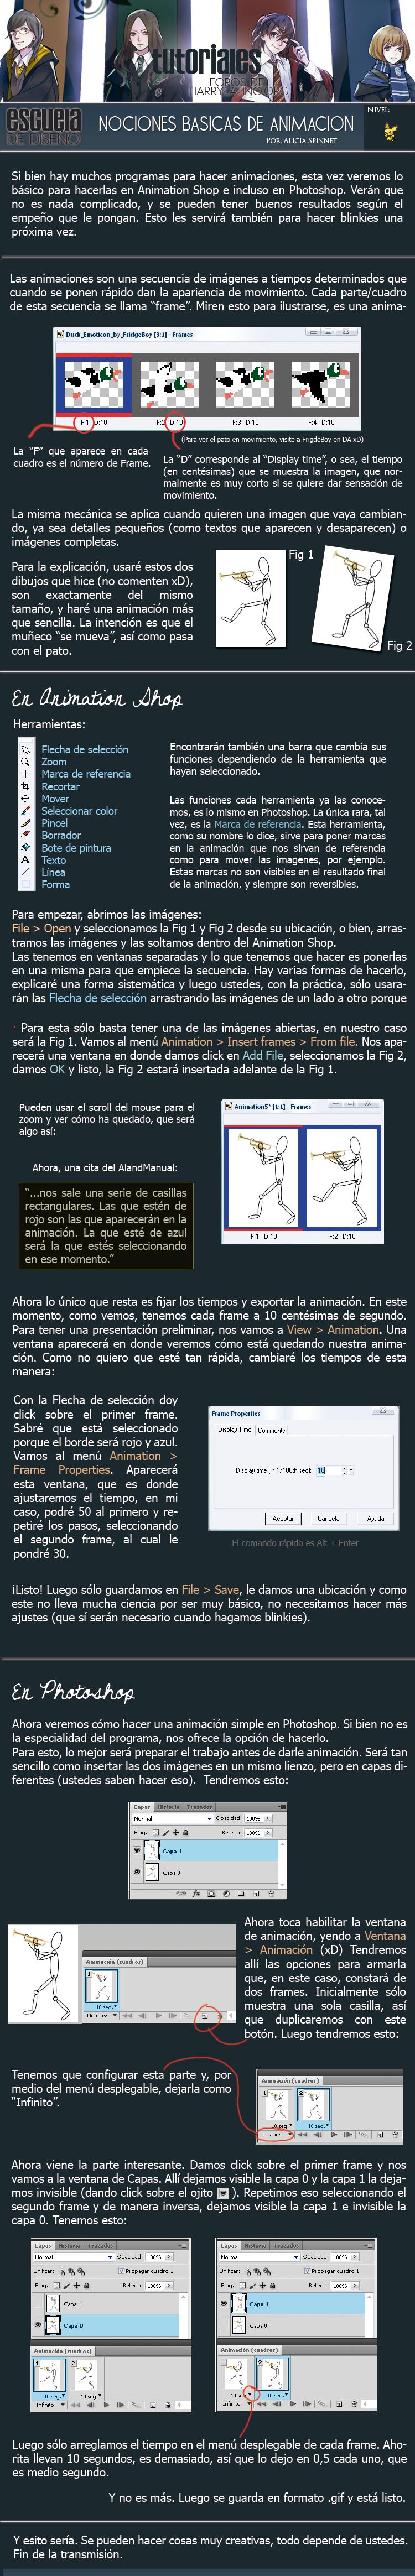 nociones_basicas_de_animacion_by_disenoh